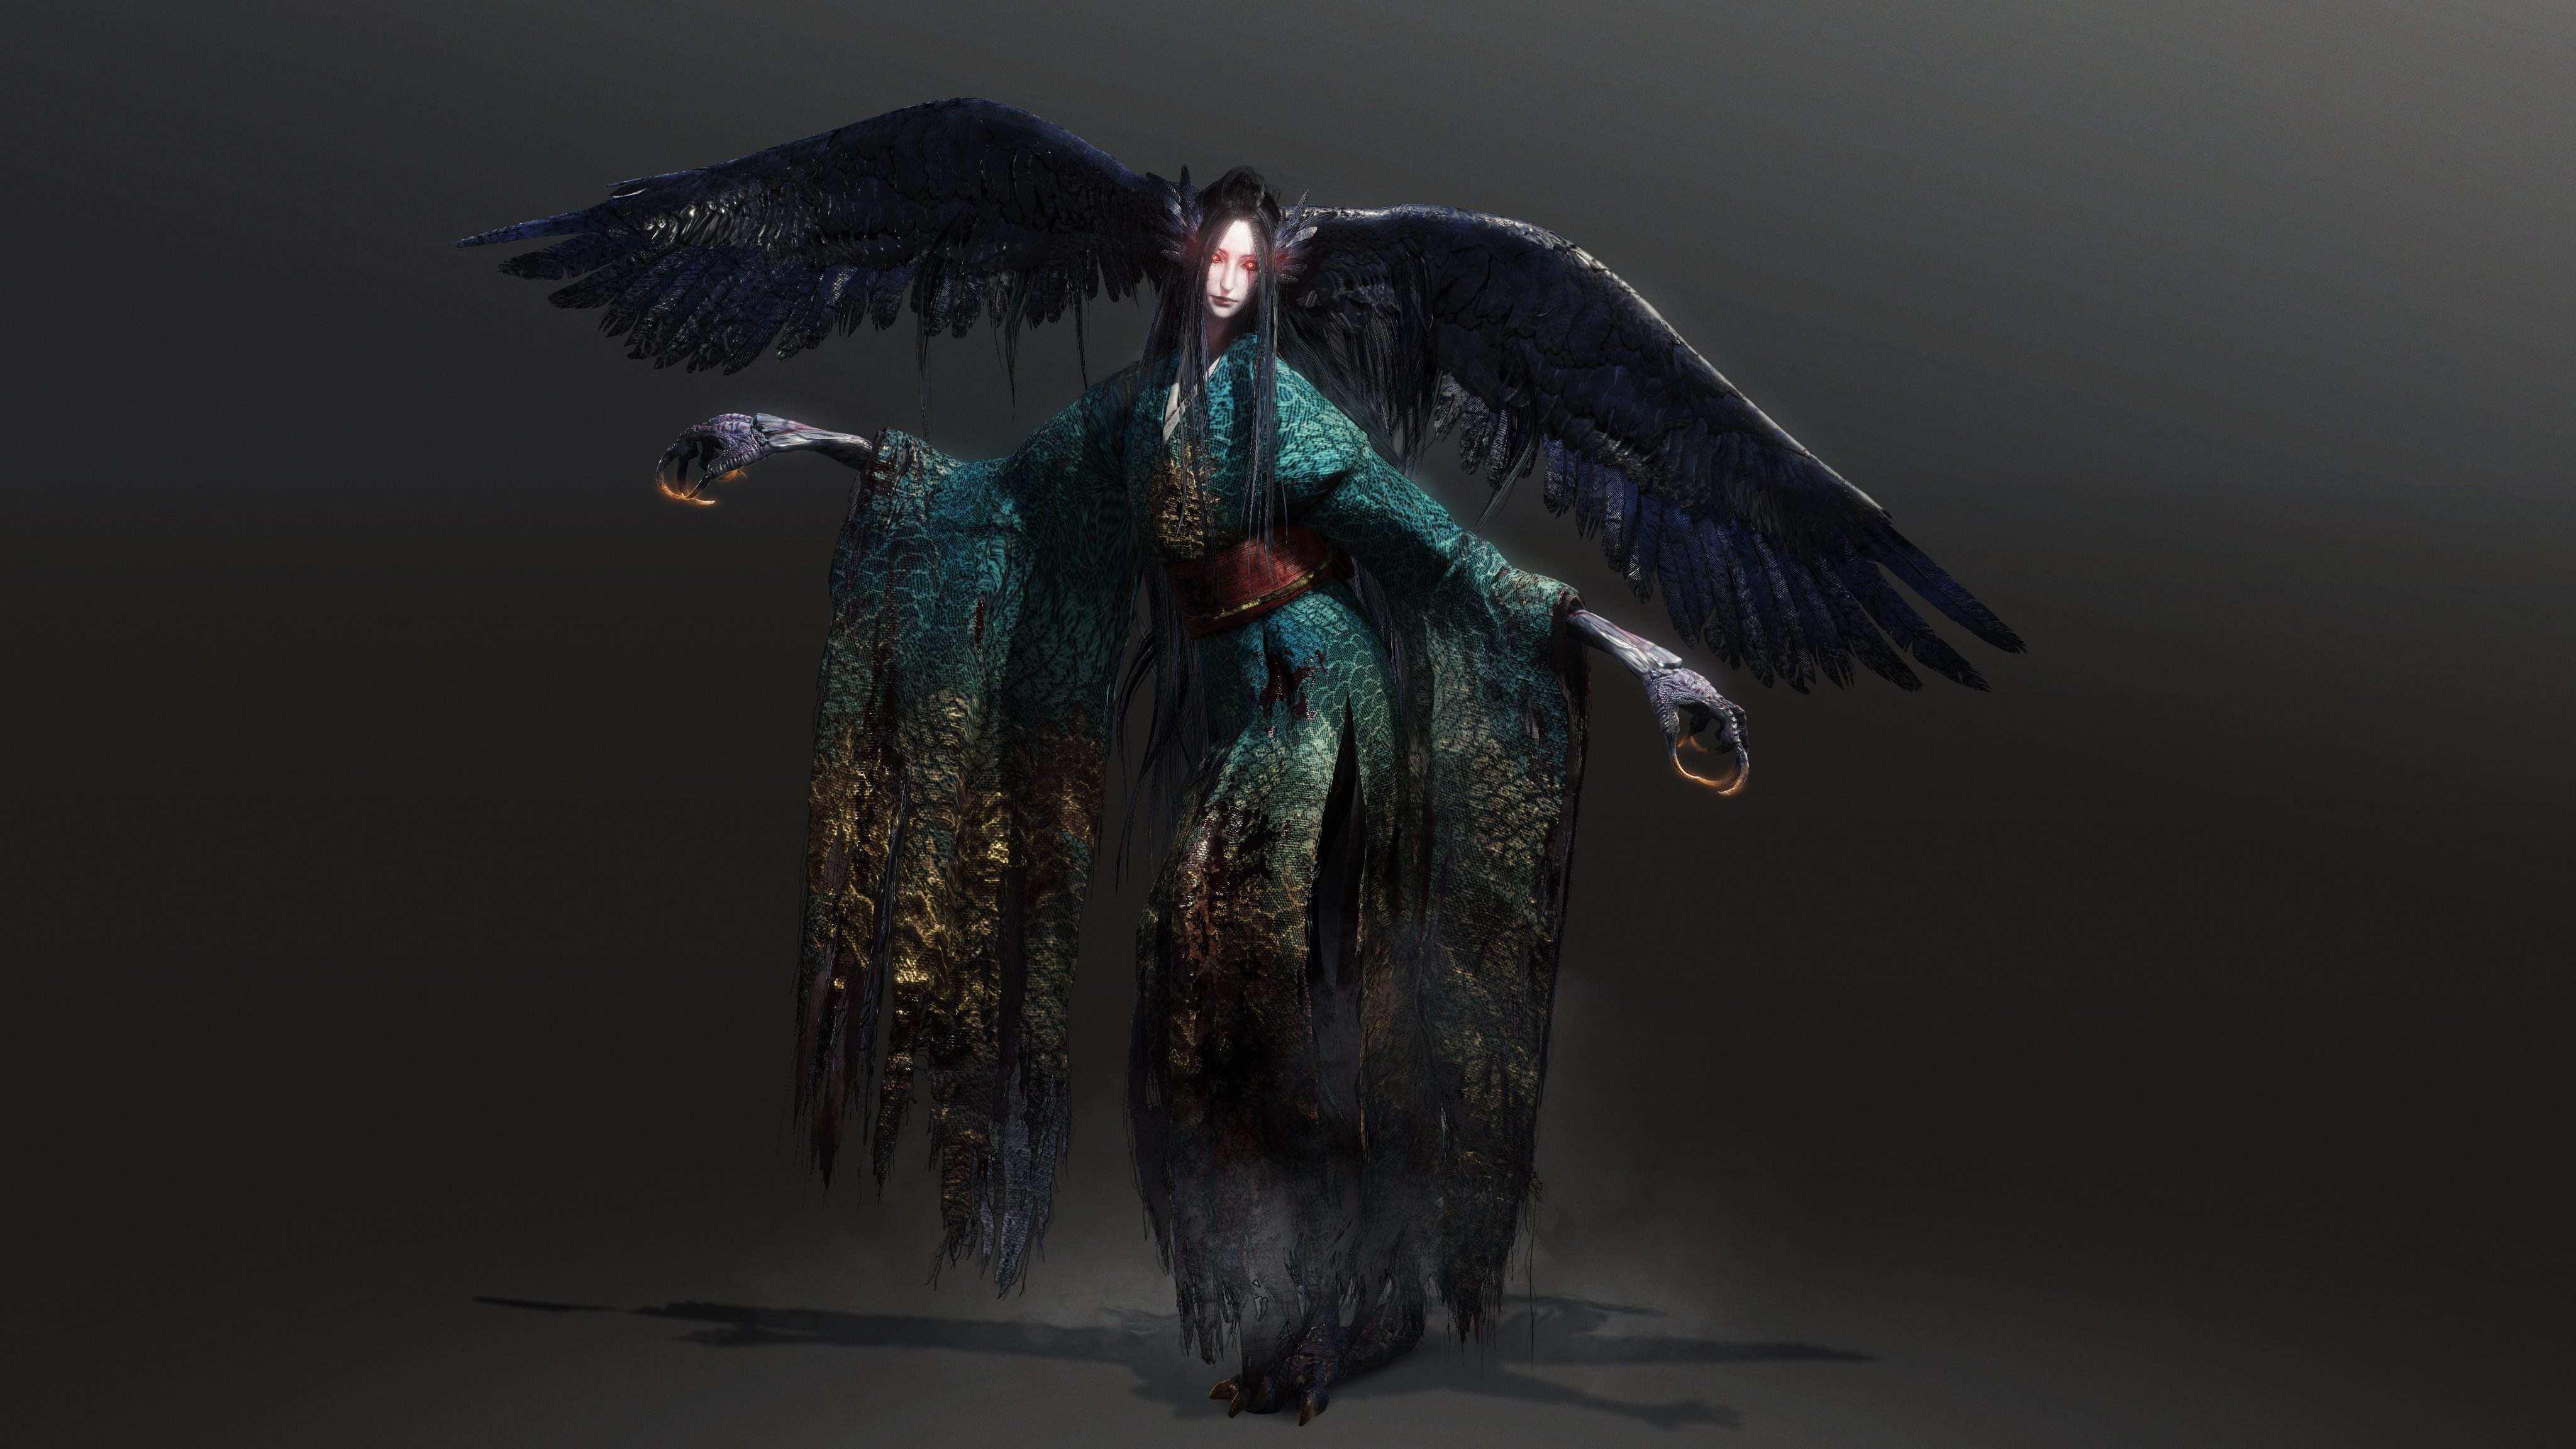 仁王2姑获鸟是什么 妖怪姑获鸟详细来历介绍